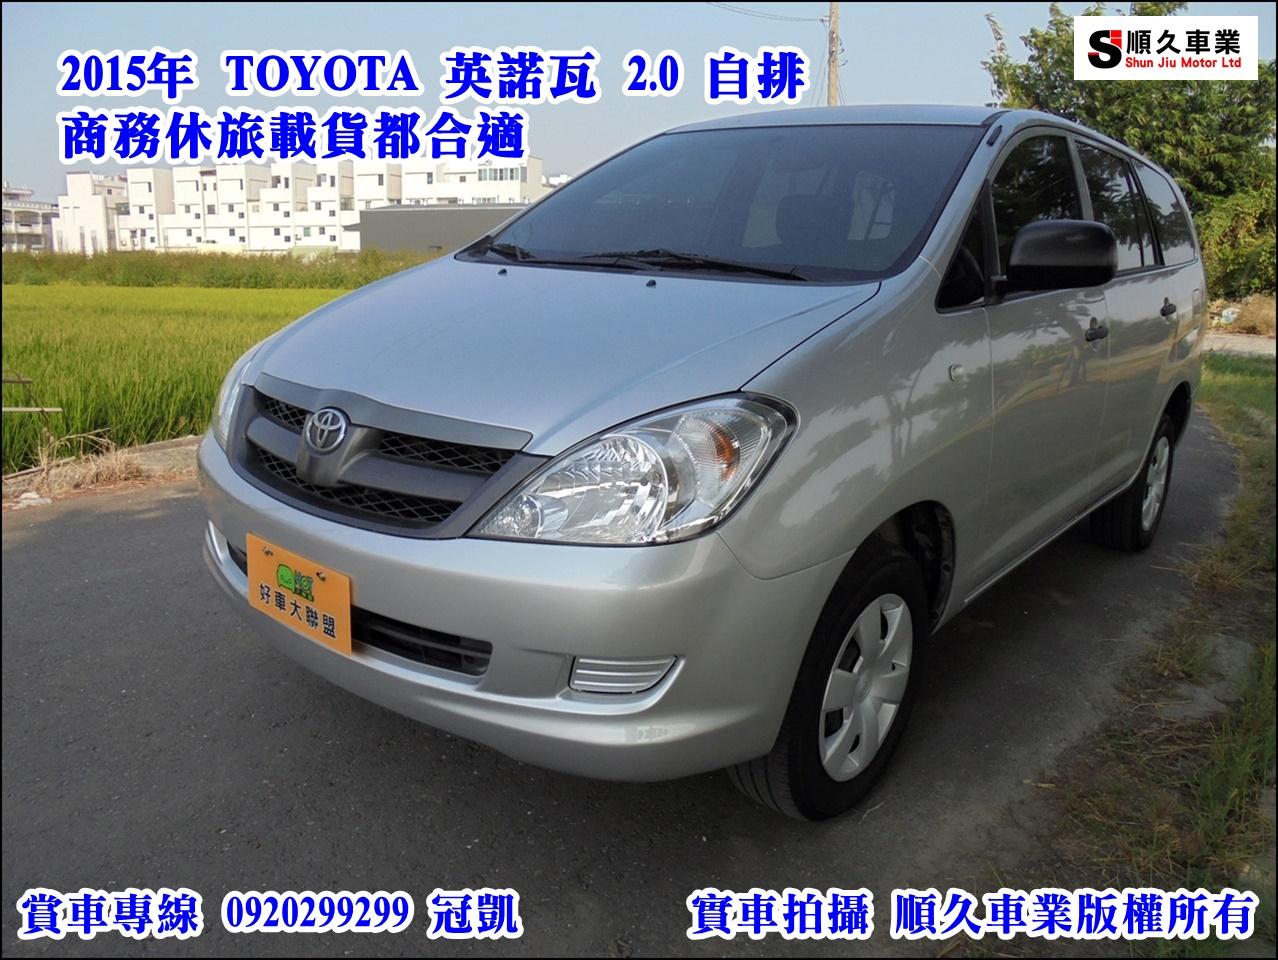 2015 Toyota Innova